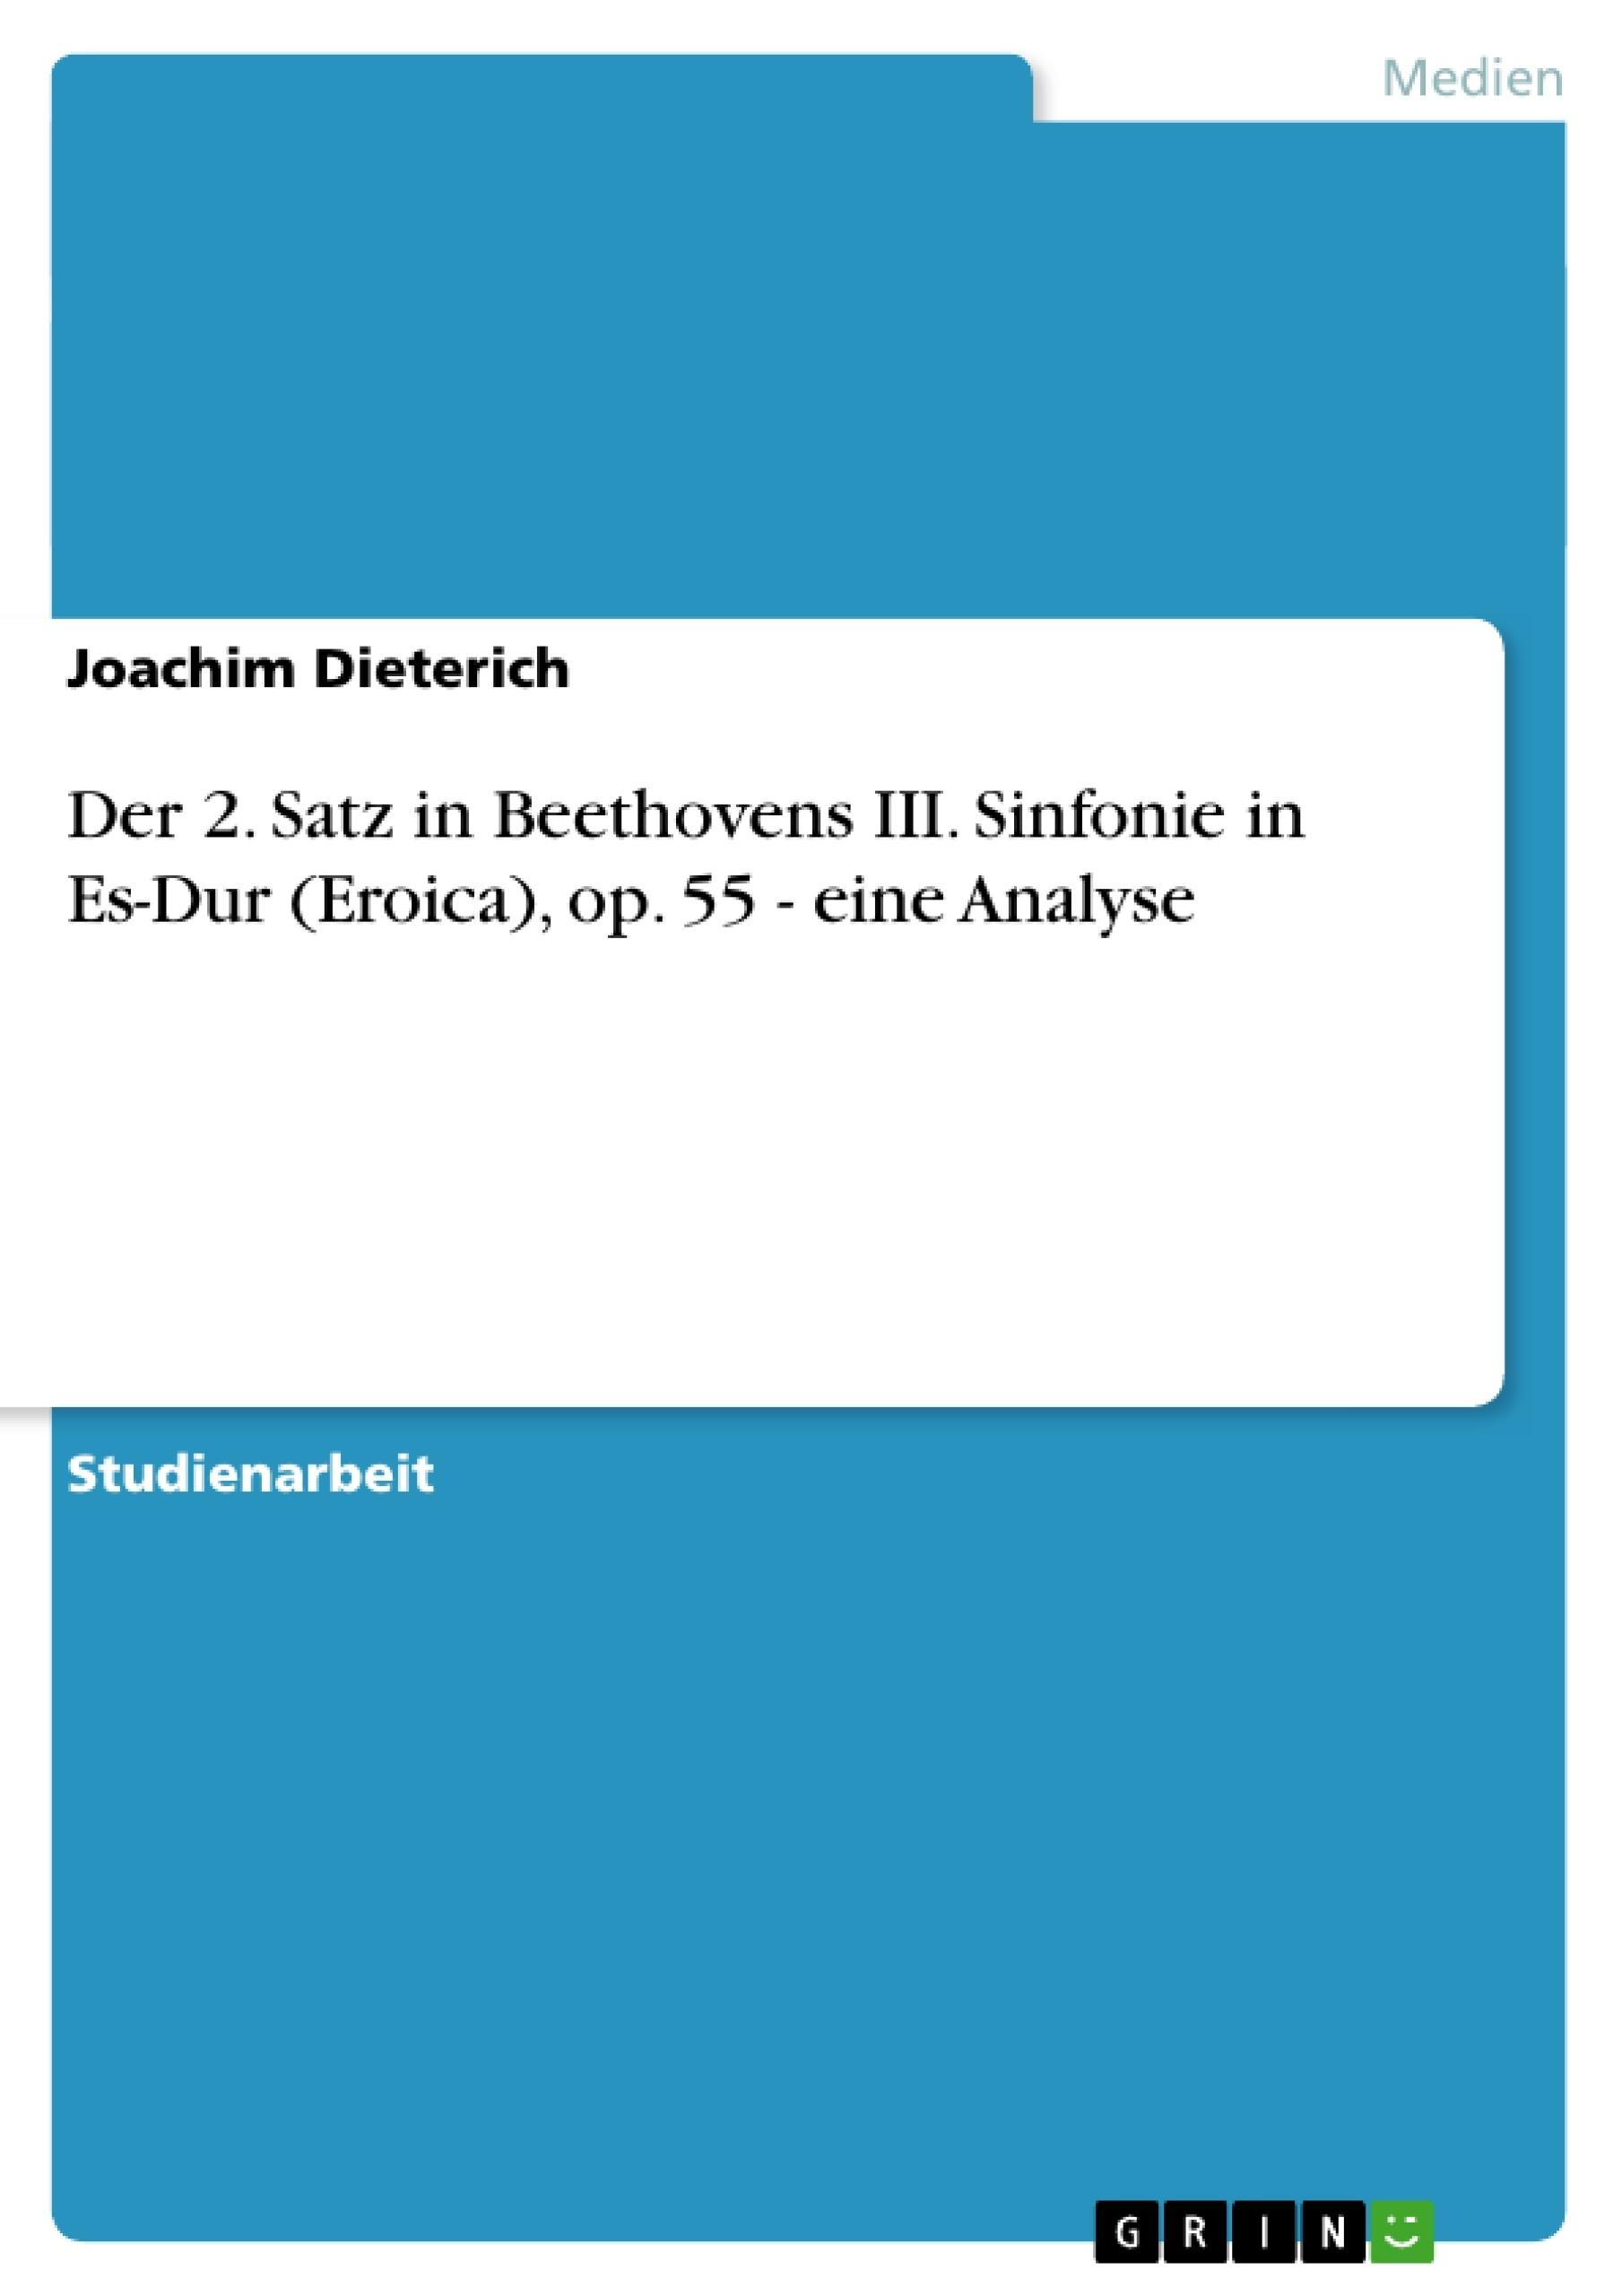 Titel: Der 2. Satz in Beethovens III. Sinfonie in Es-Dur (Eroica), op. 55 - eine Analyse